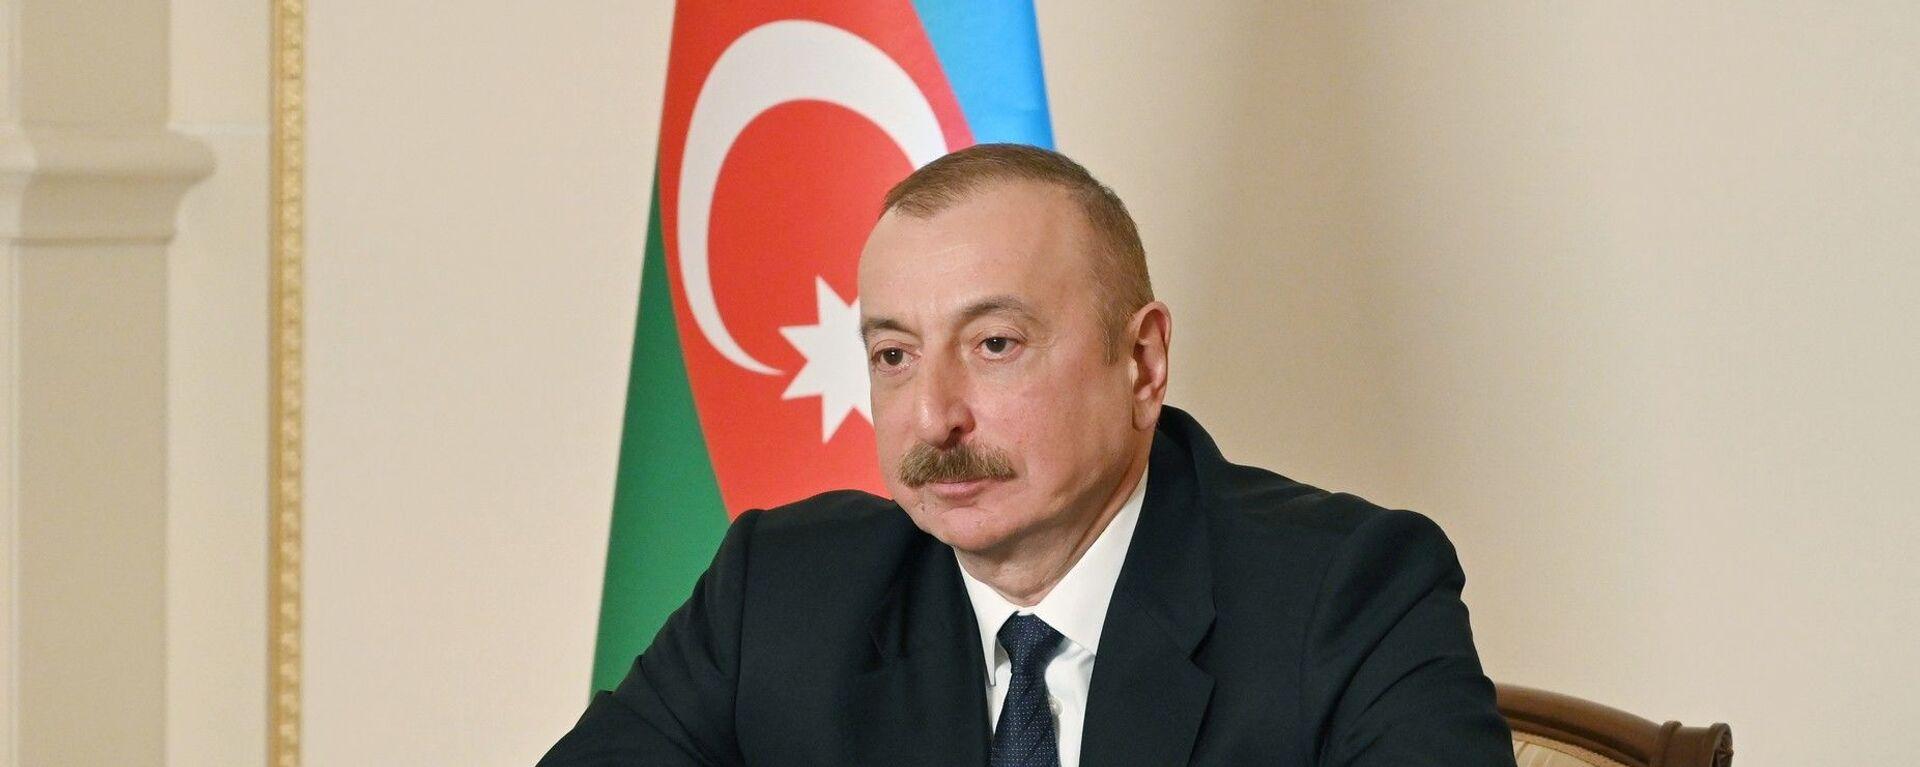 Aliyev - Sputnik Türkiye, 1920